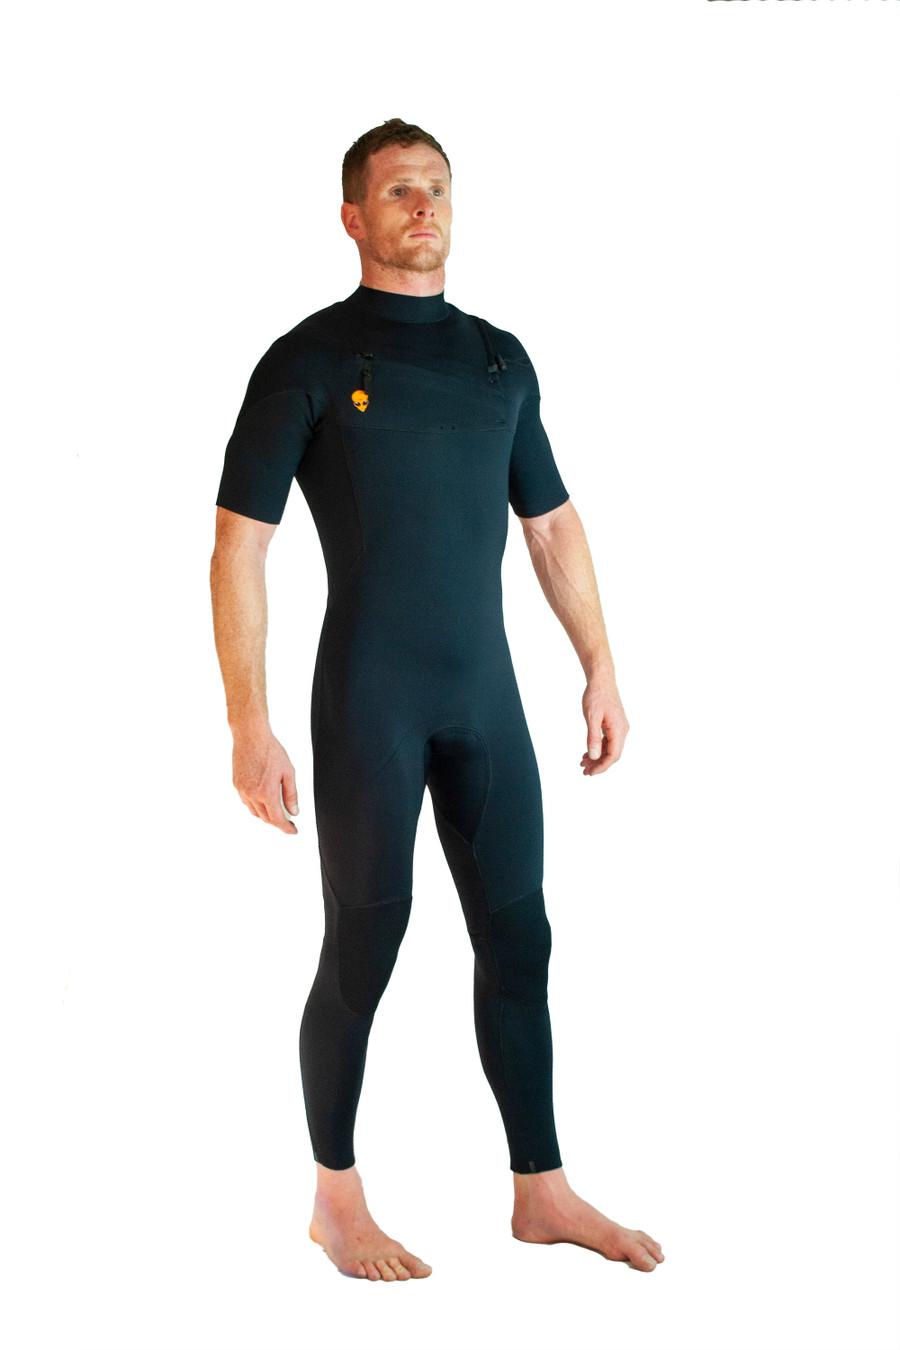 Best 2mm wetsuit